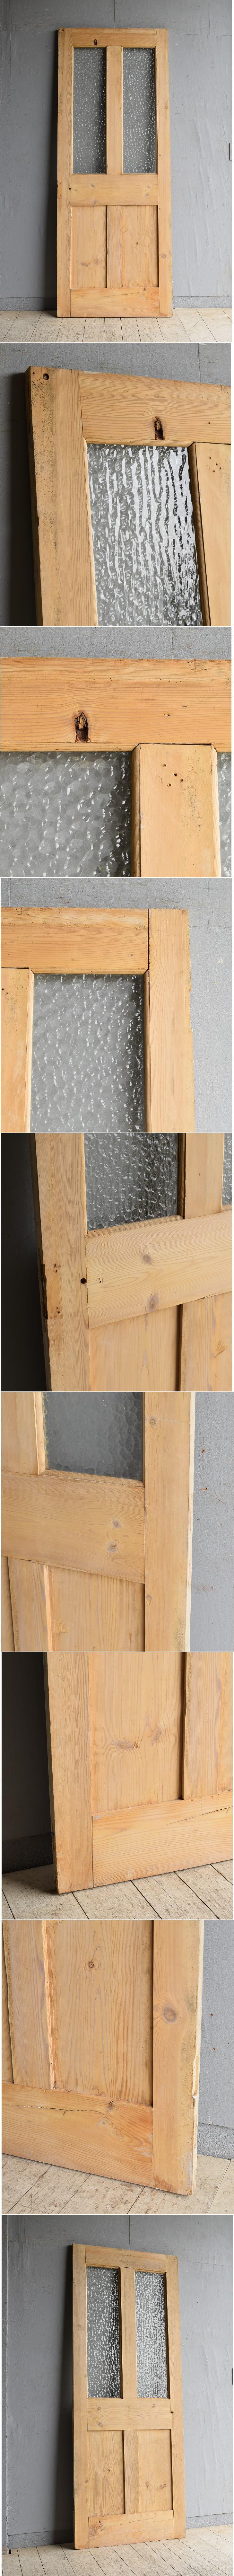 イギリス アンティーク ドア 扉 建具 8457